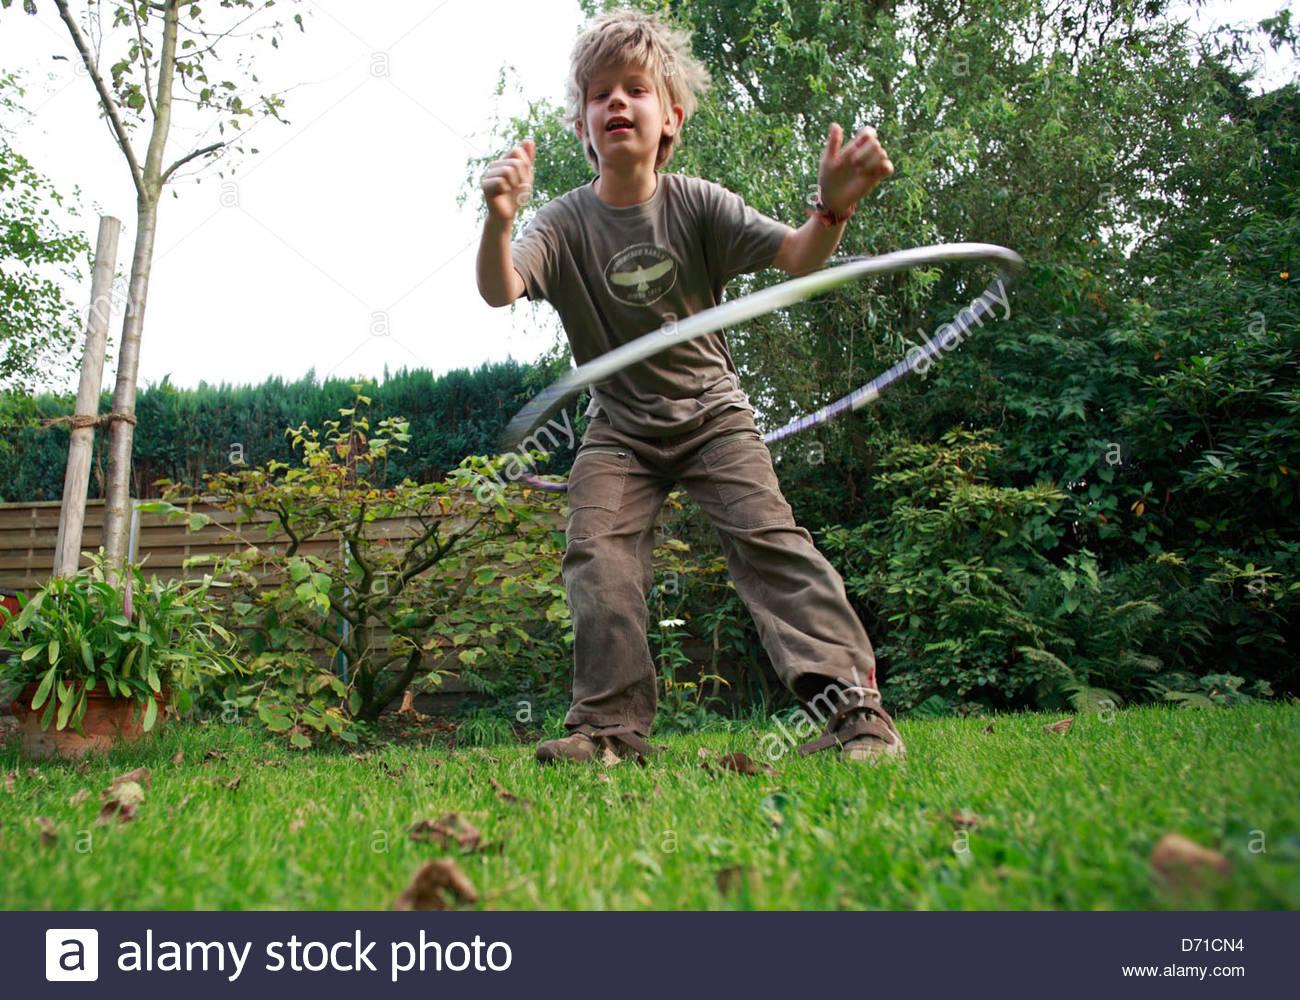 Junge spielt mit einem Hula-Hoop in einem Garten Stockbild